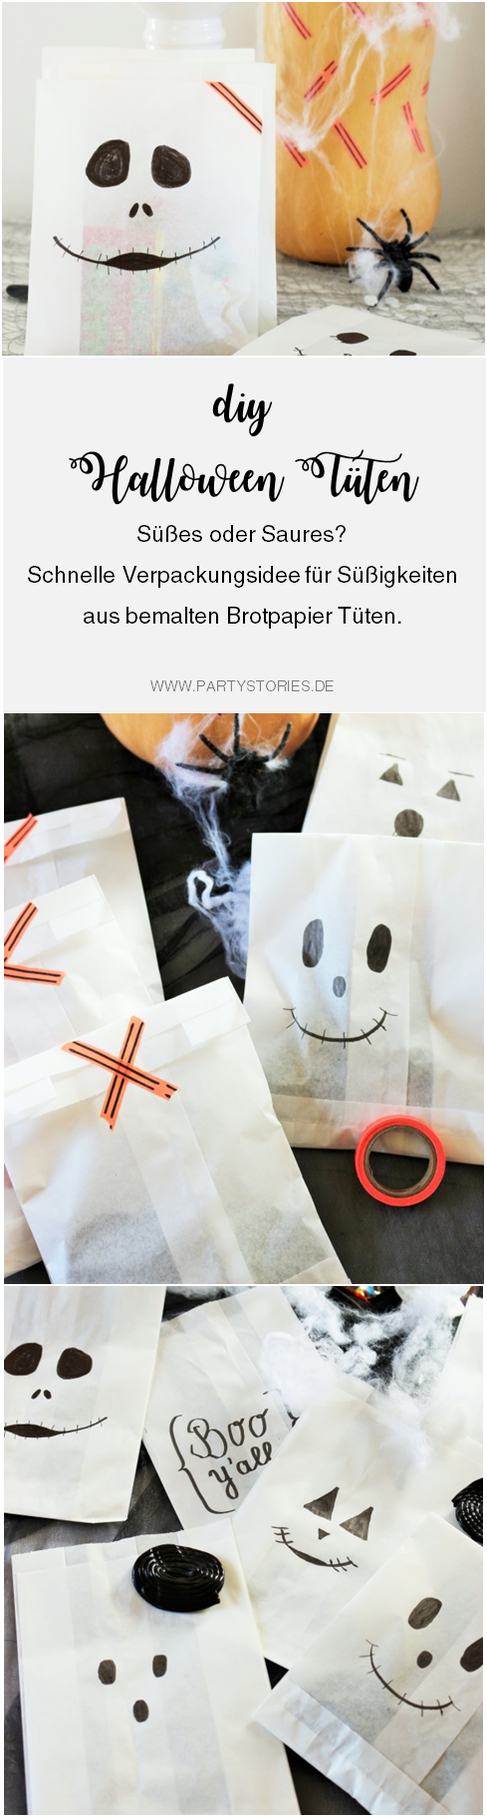 Bild: Eine schnelle last-minute Idee, um Halloween Süßigkeiten zu verpacken - in Brotpapier Tüten samt aufgemalten Gespenster- und Geistergesichtern. Anleitung und noch mehr DIY Halloween Ideen zum Feiern gibt's auf www.partystories.de